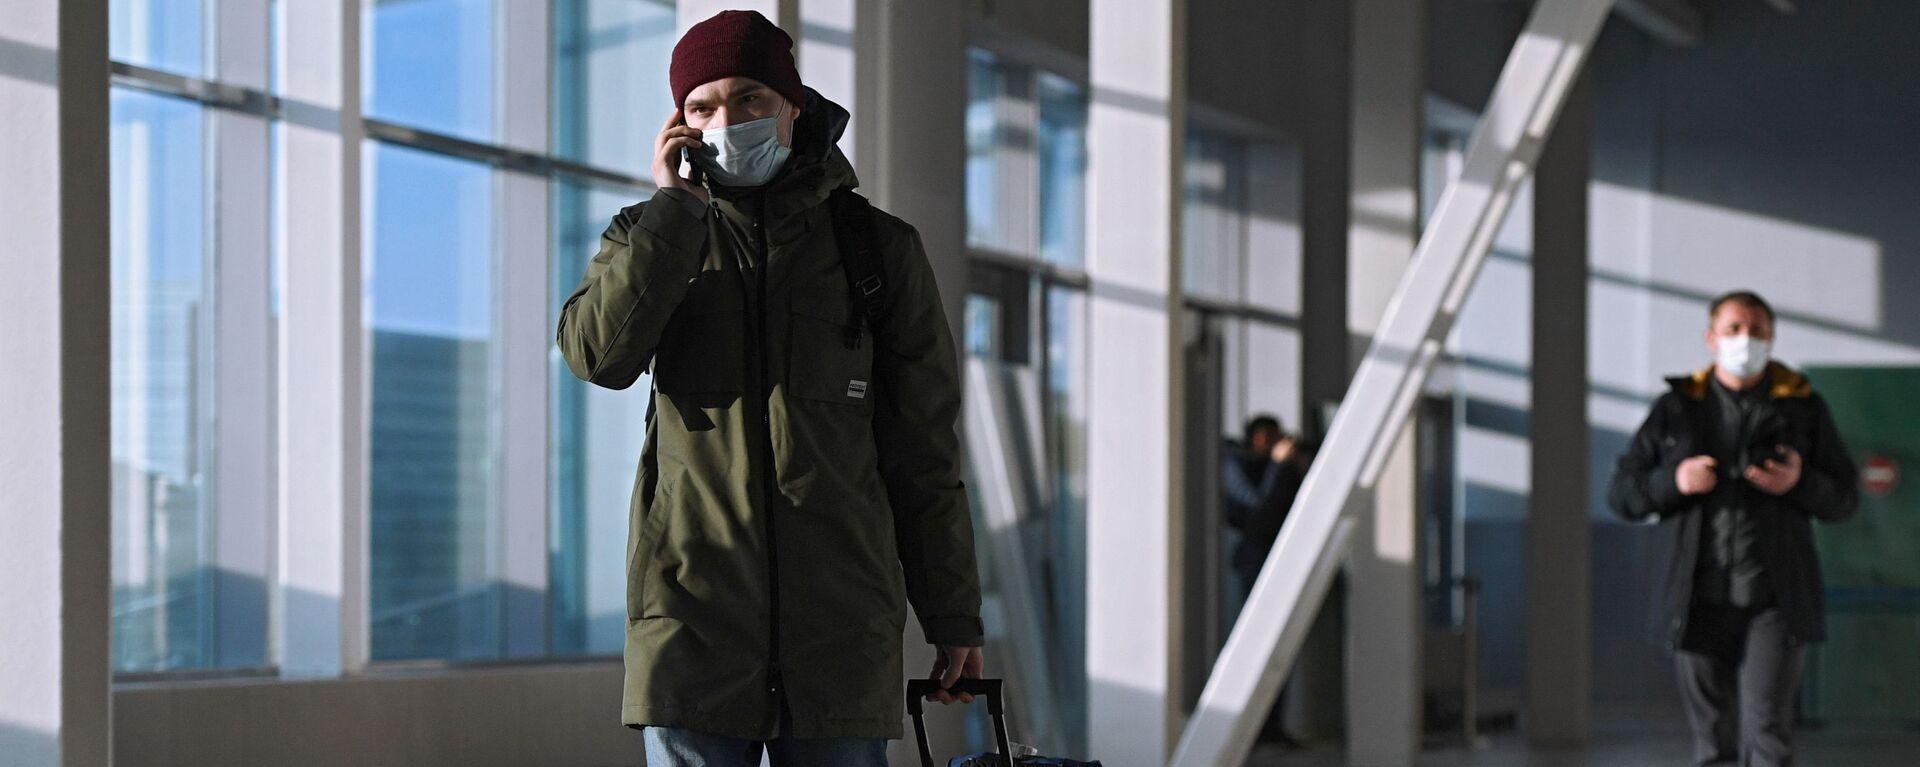 Пассажир в защитной маске в международном аэропорту  - Sputnik Таджикистан, 1920, 24.09.2021